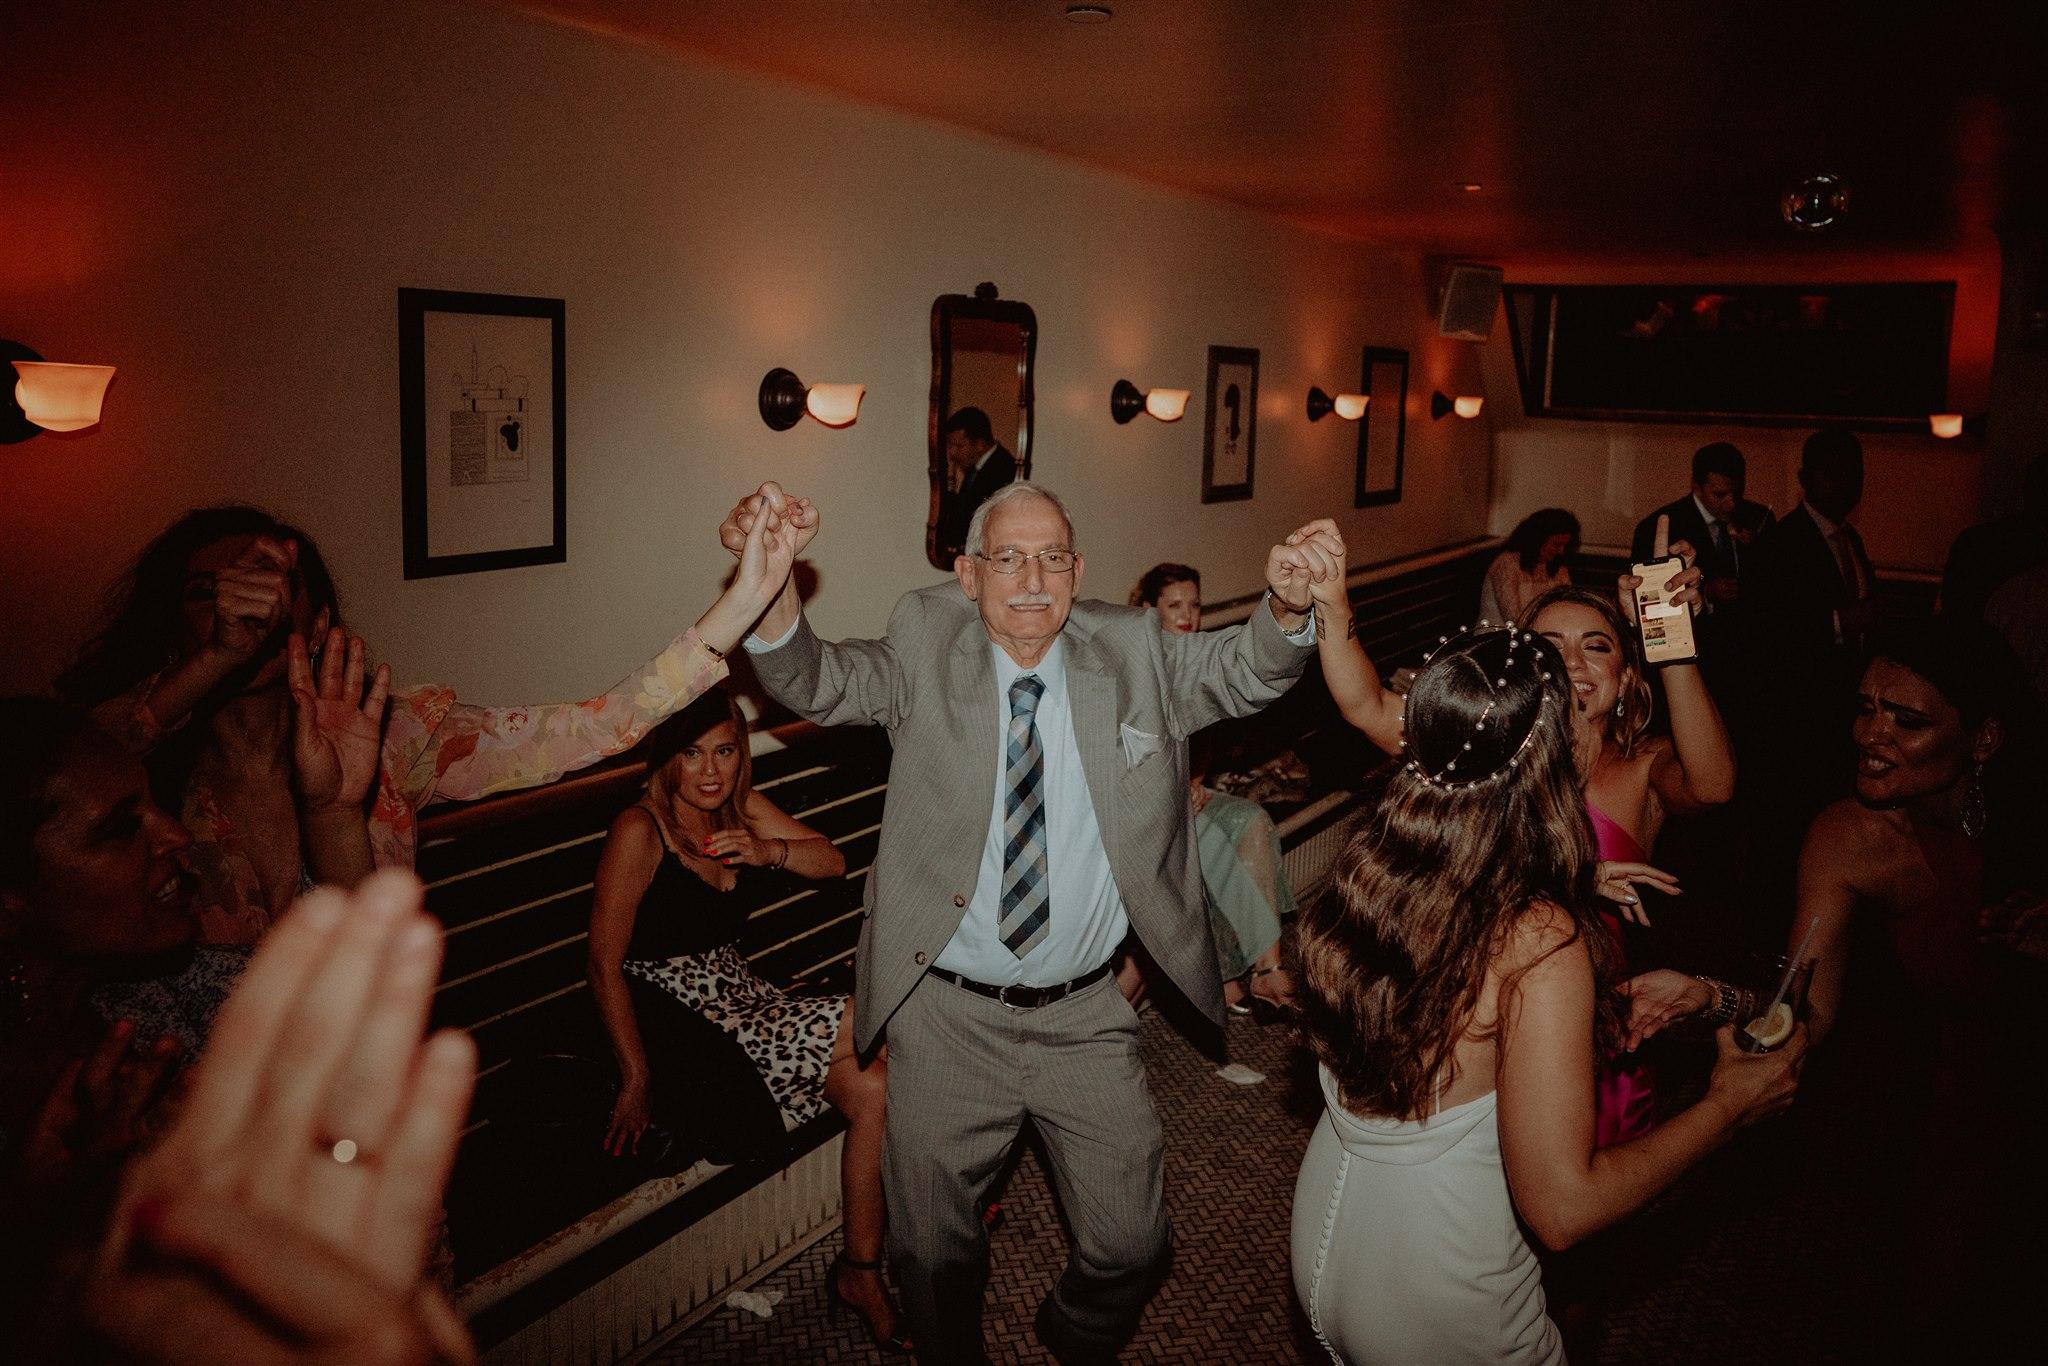 Chellise_Michael_Photography_Ramona_Brooklyn_Wedding_Photographer-782.jpg